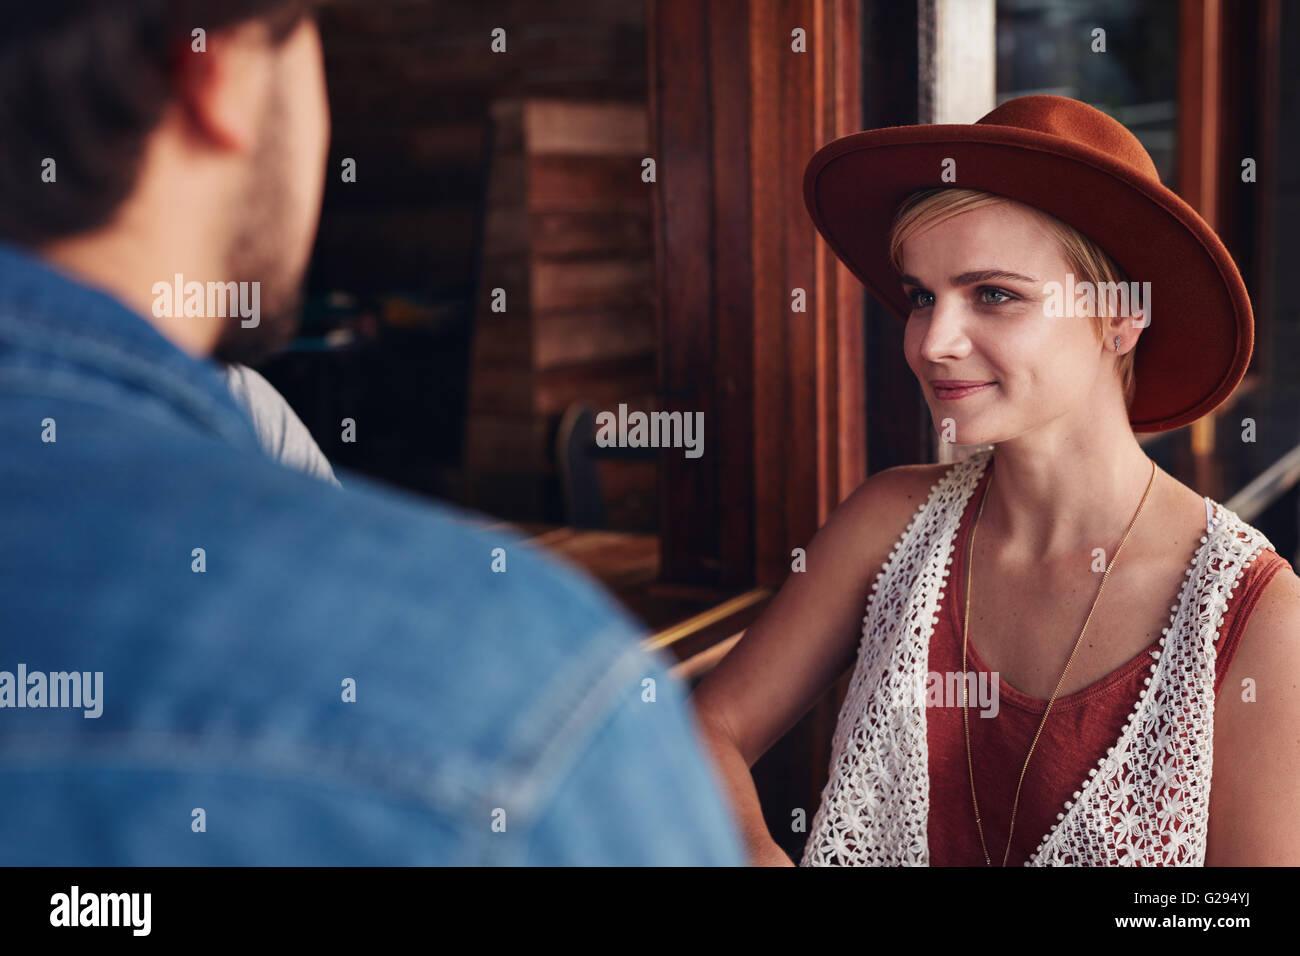 Ritratto di giovane e bella donna seduta in un bar con il suo amico. Immagini Stock